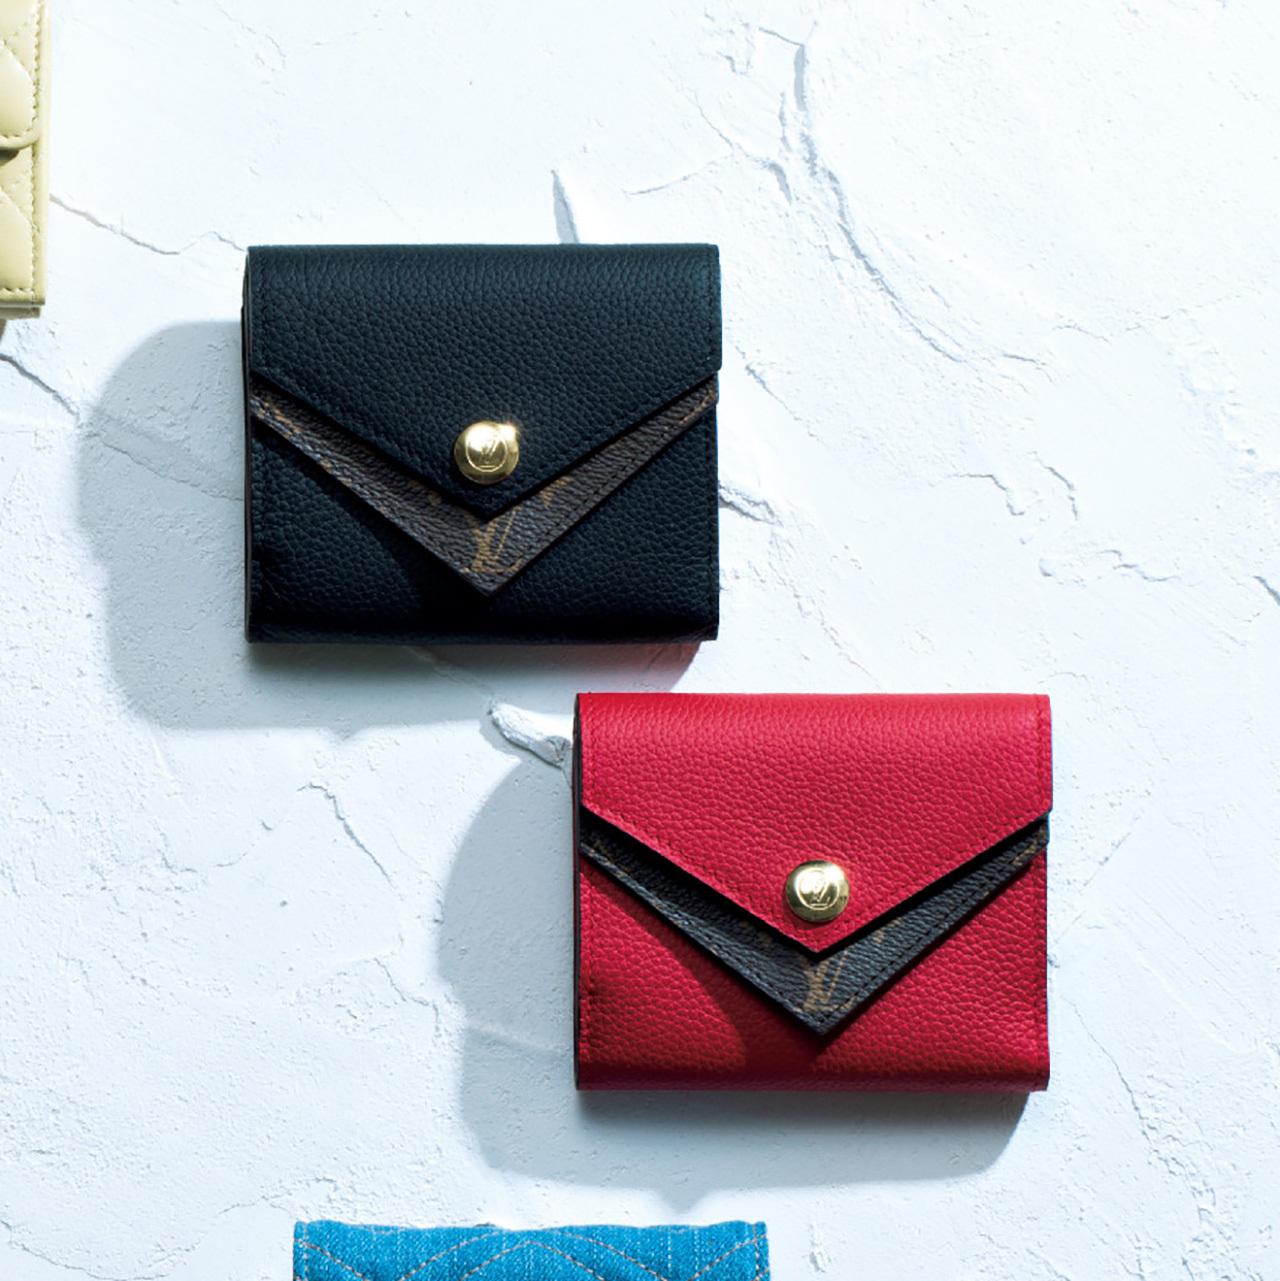 小さい財布が幸せを連れてくる! 五選_1_1-2